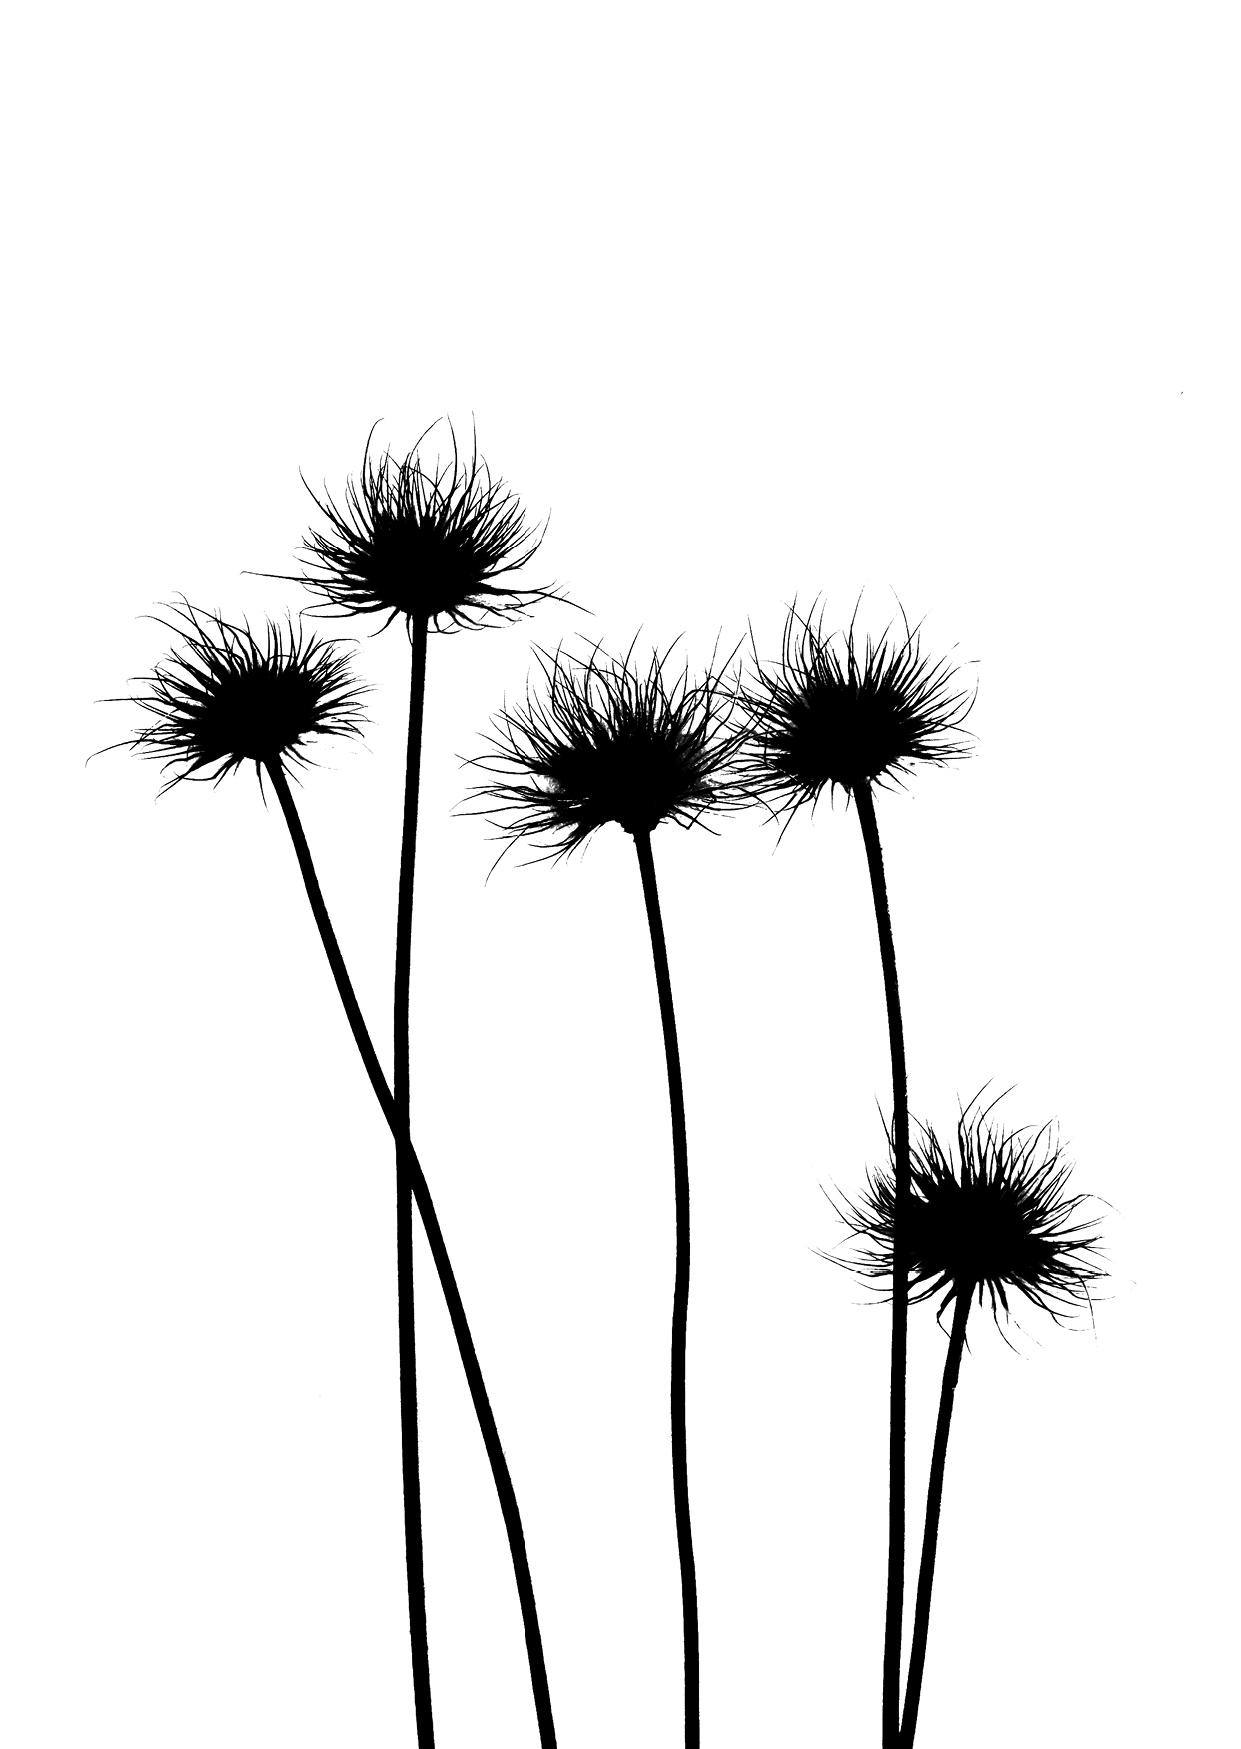 Bettina Lindenberg Postkarten schwarz-weiß Natur Fotokunst Kunstpostkarten, Deko, Küchenschelle